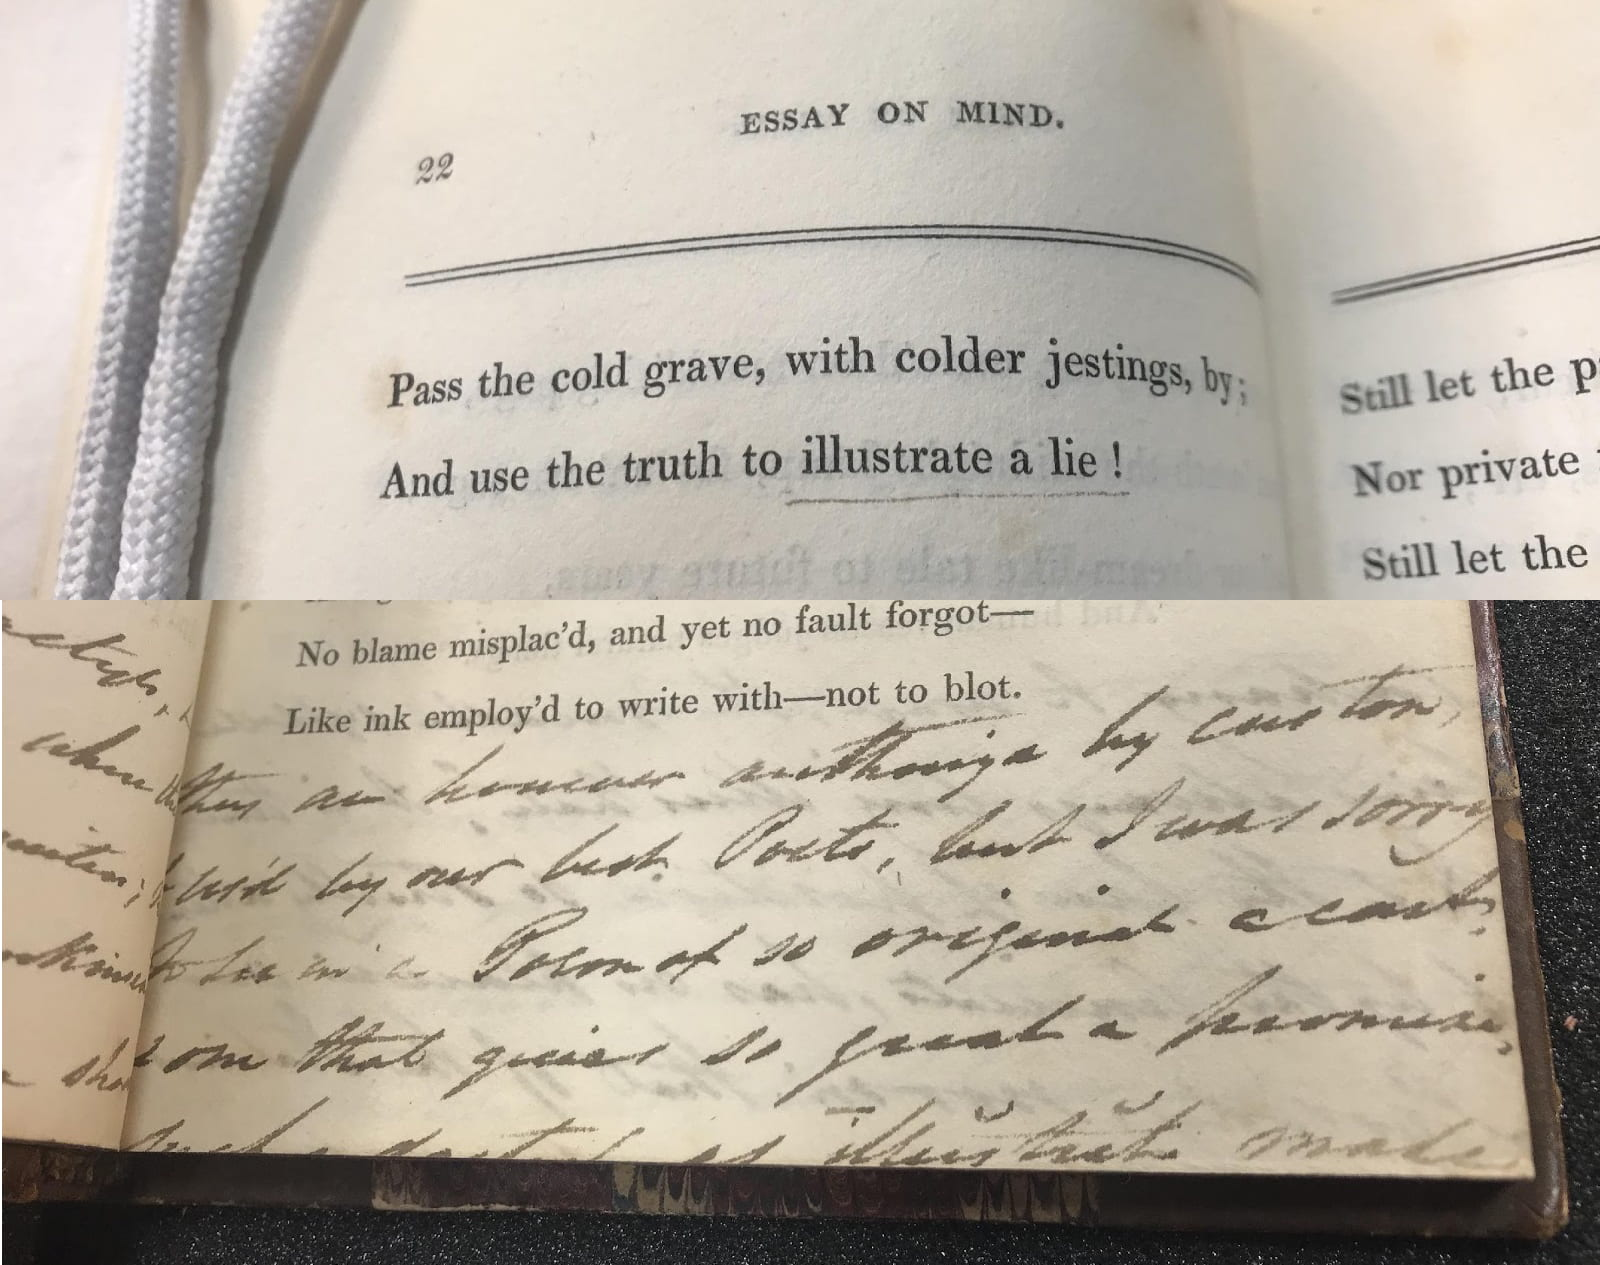 William Browning And Elizabeth Barrett Browning Essay